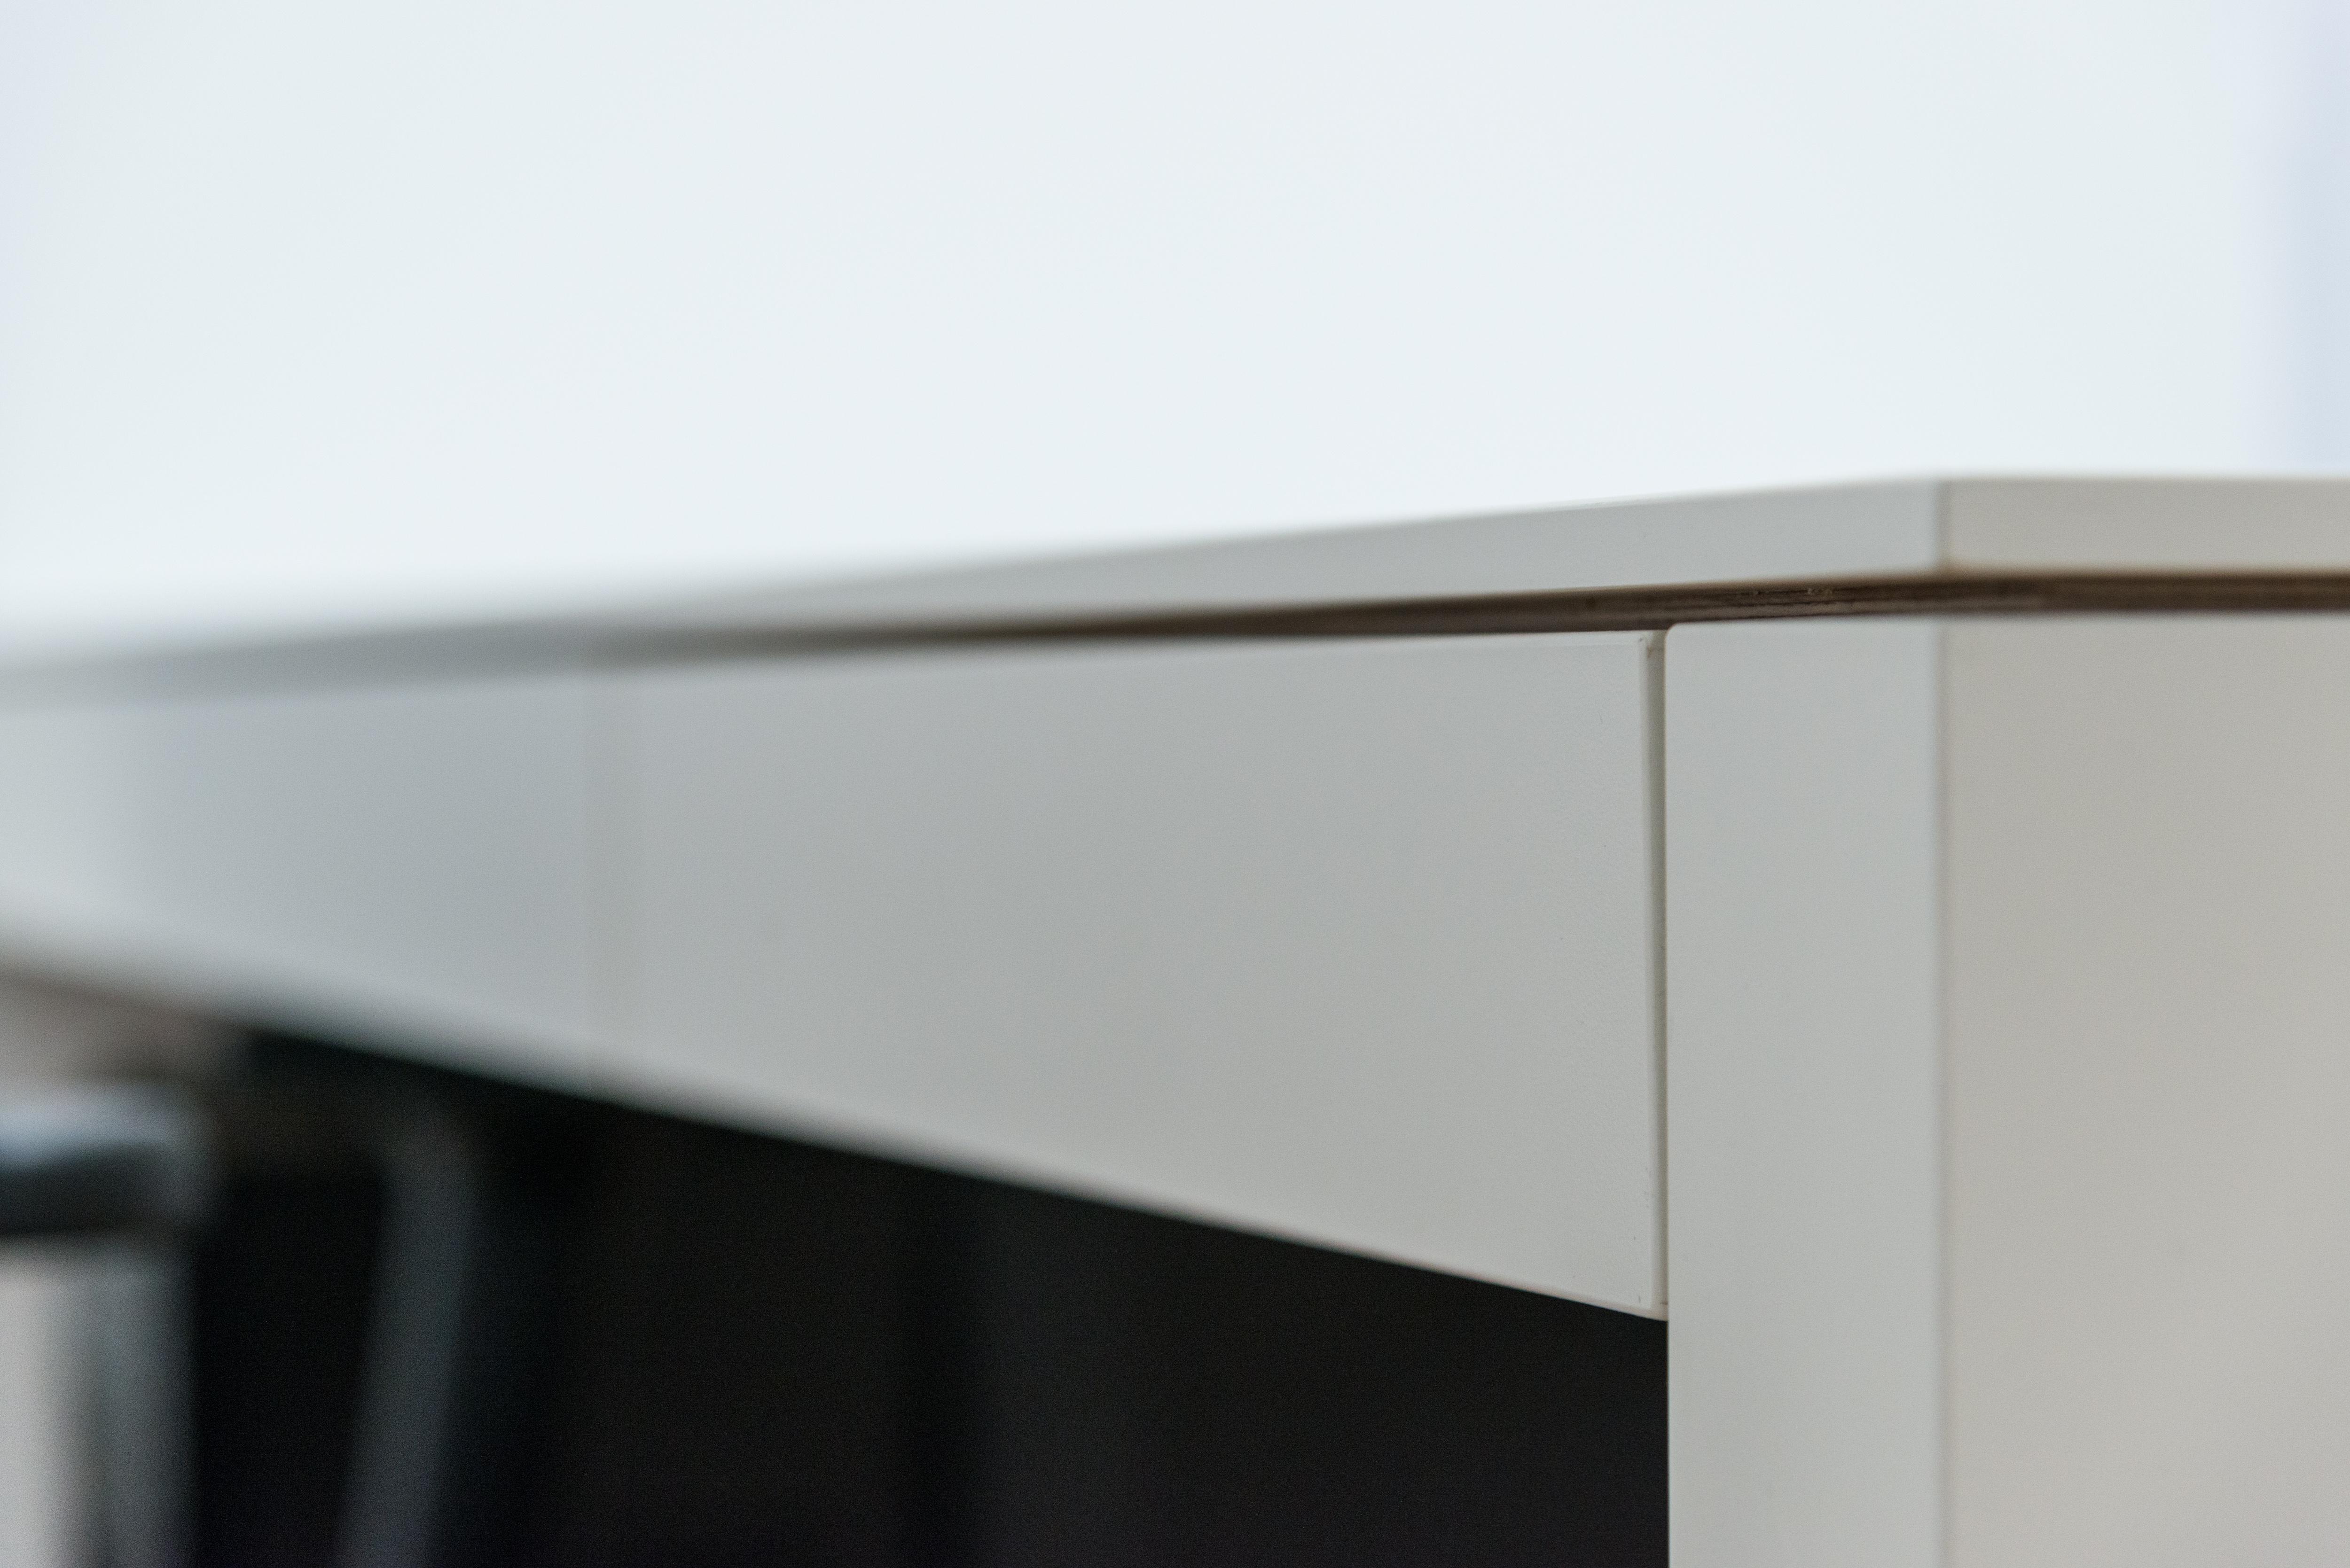 Schreibtisch mit Schattenfuge